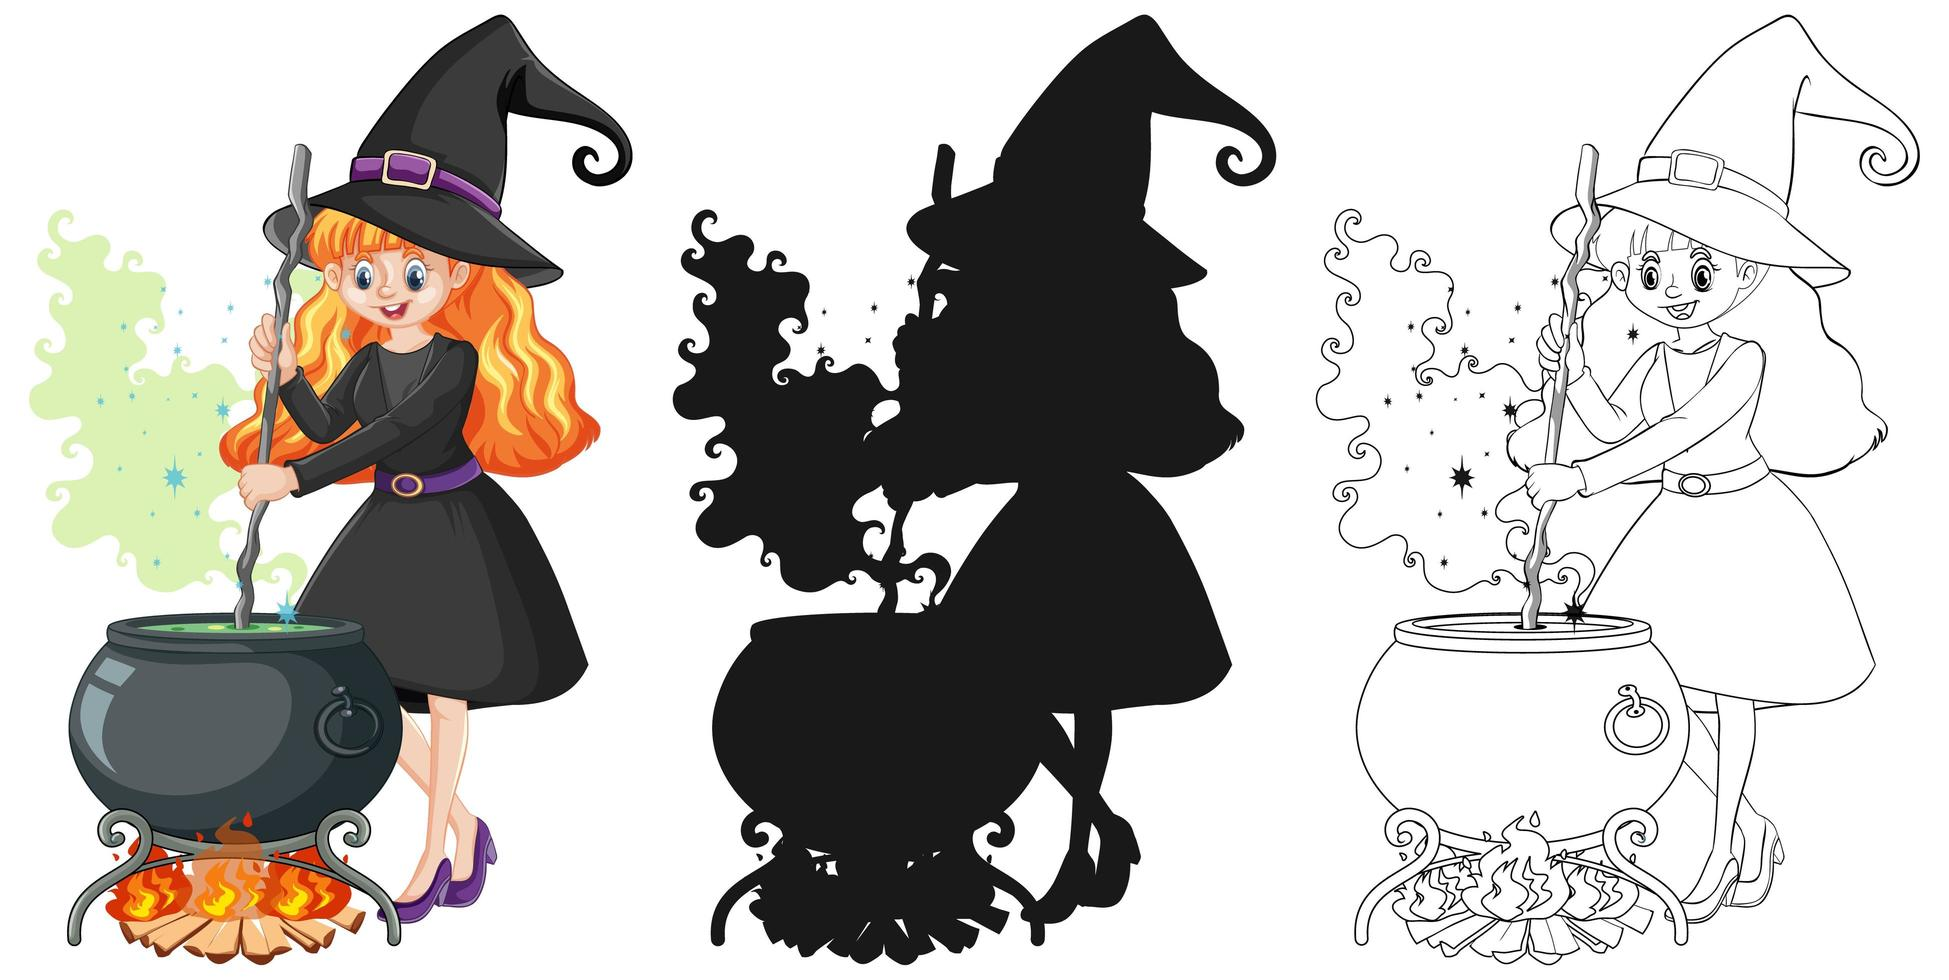 bruxa em desenho de cor, contorno e silhueta vetor